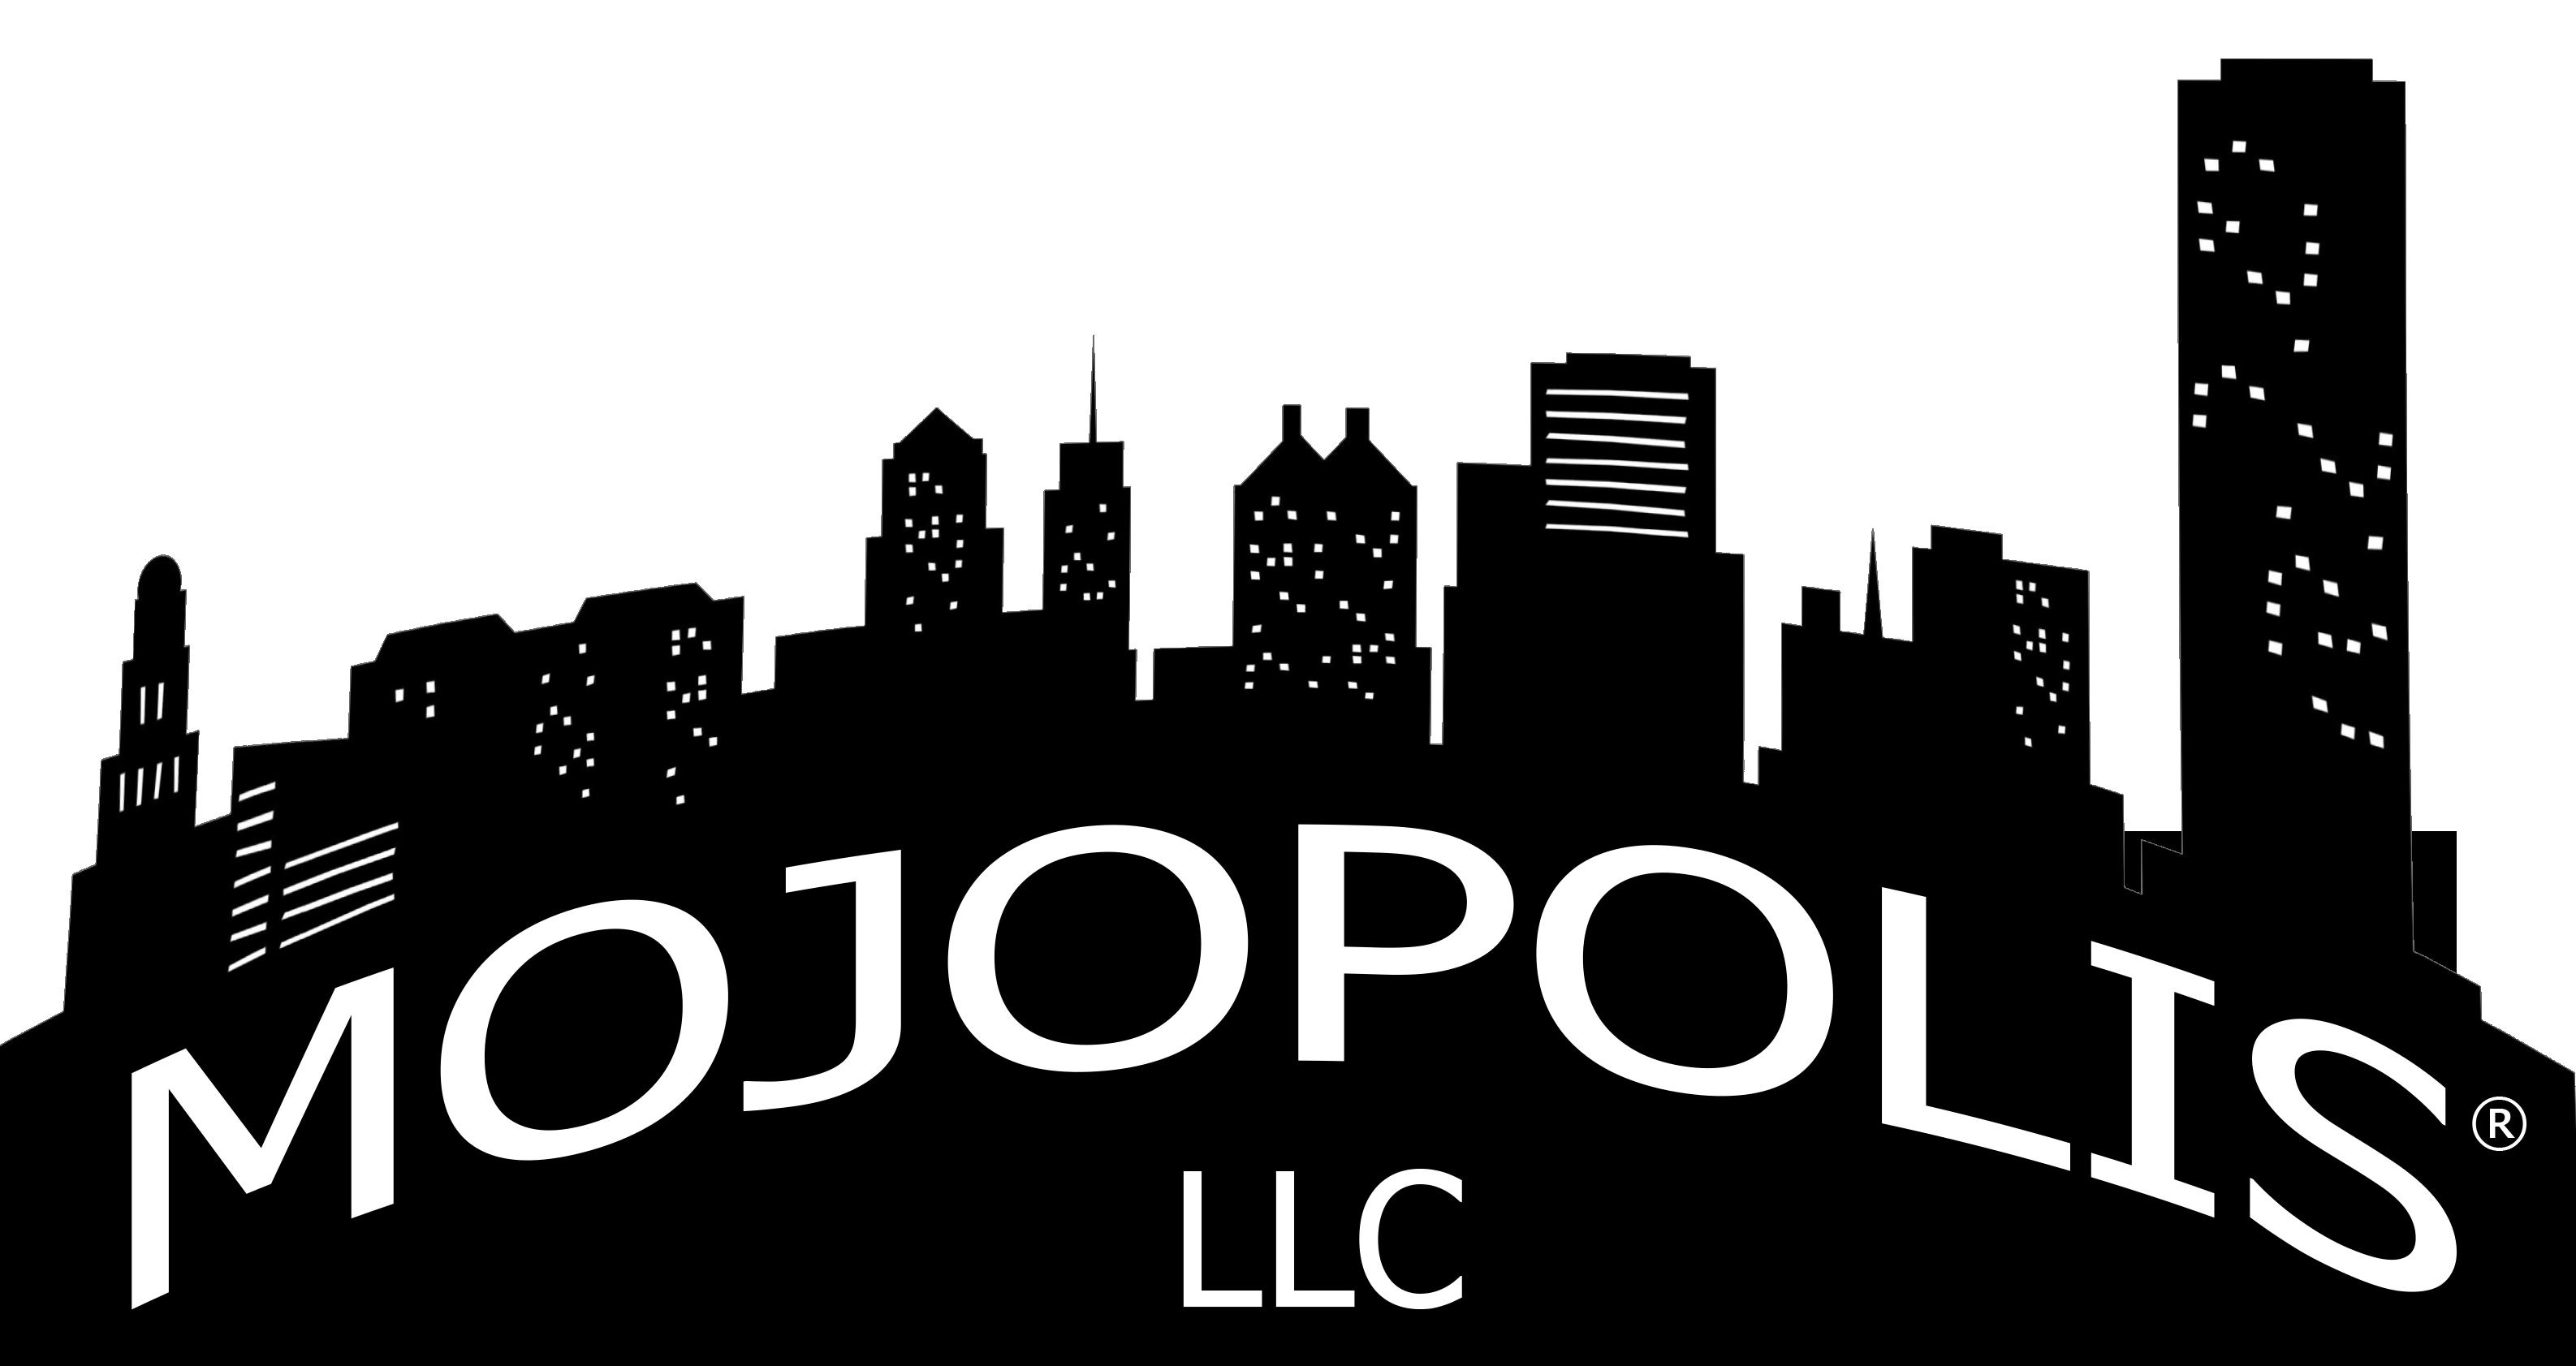 MOJOPOLIS LLC